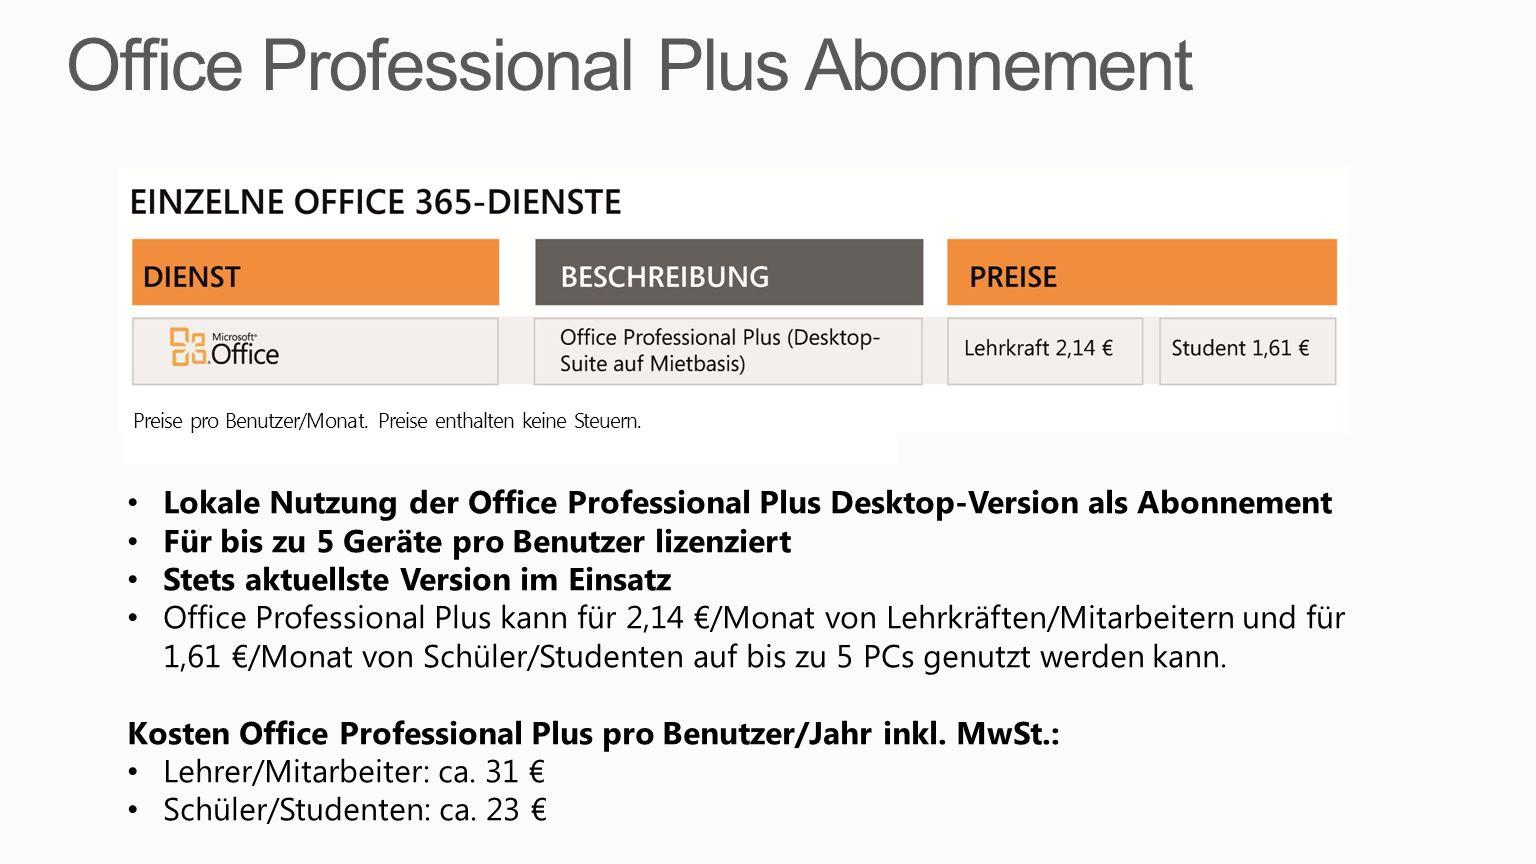 Office Professional Plus Abonnement